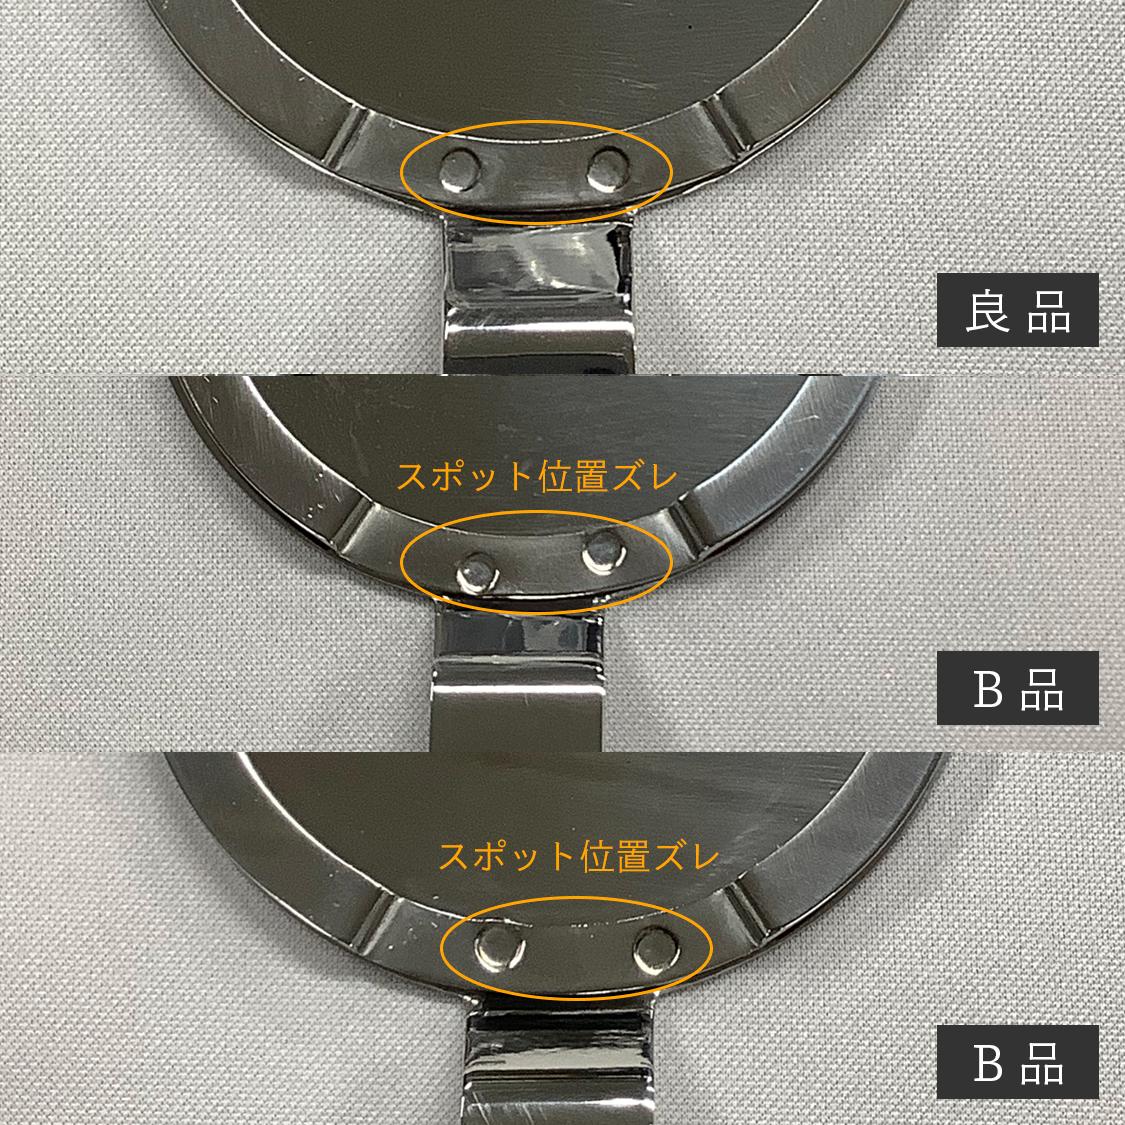 【BIRDY. アウトレットセール】KS76 クウェイントストレーナー B品